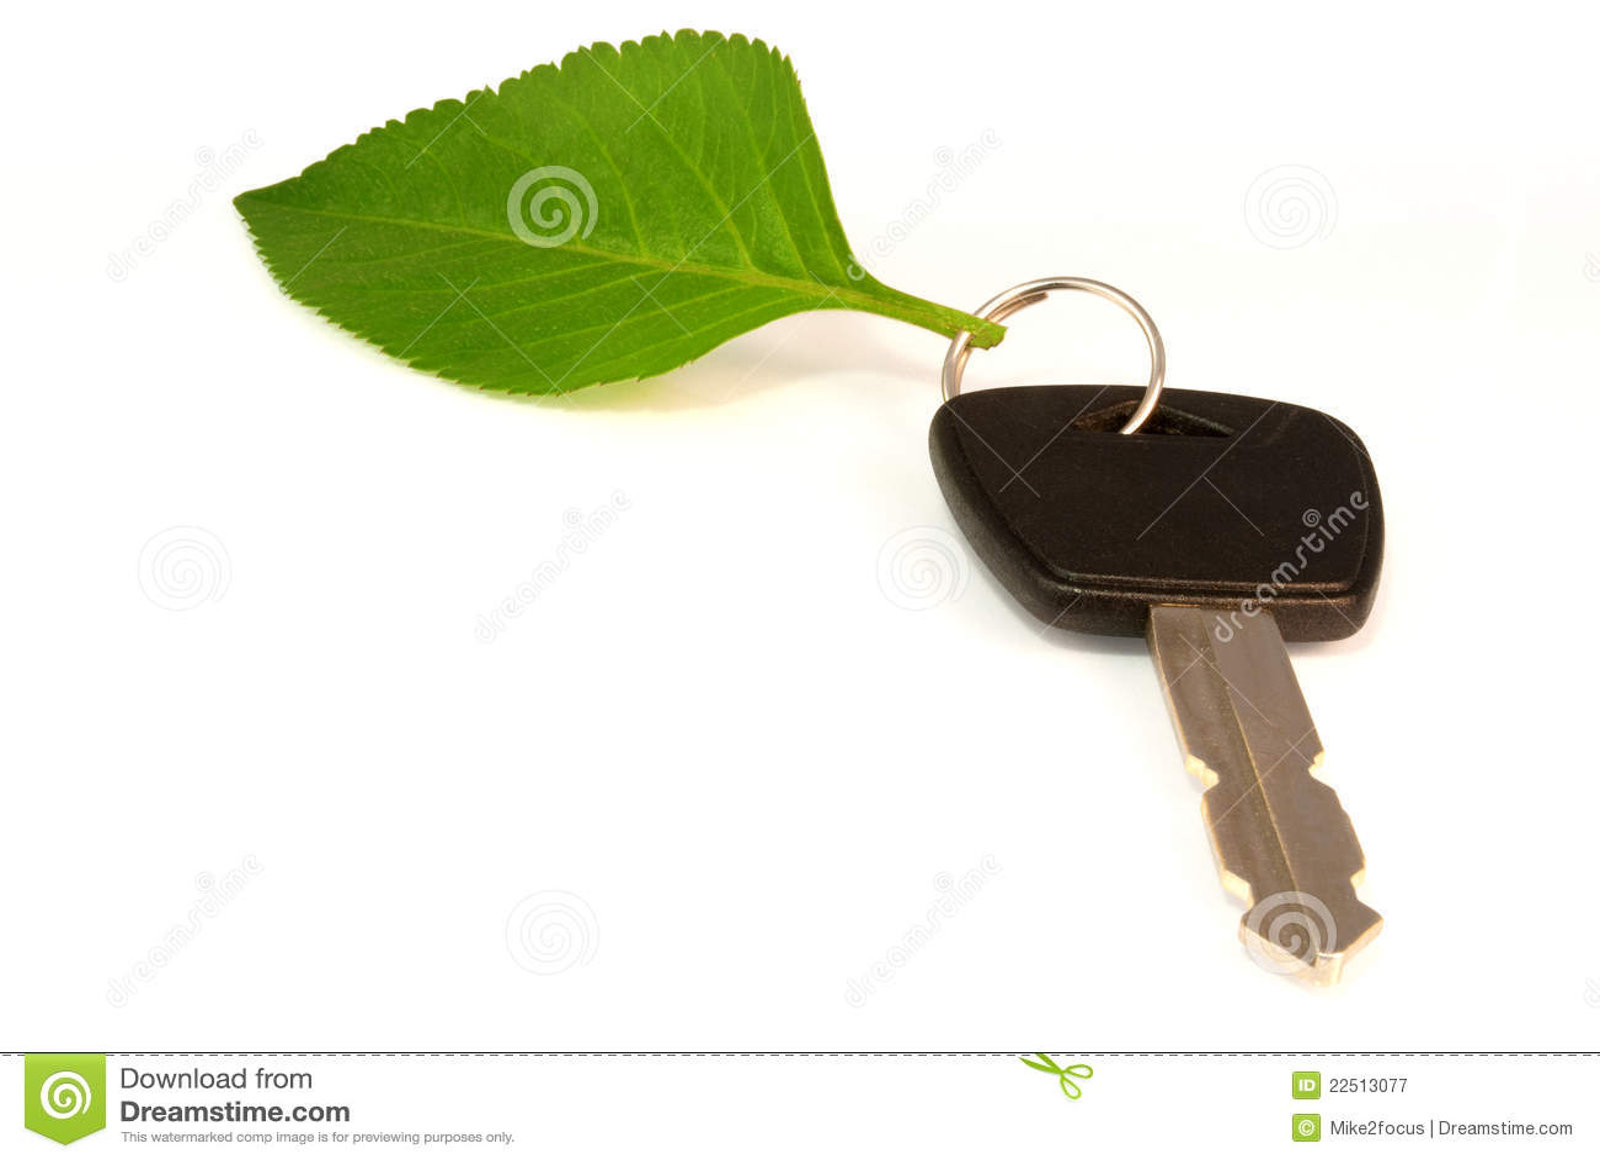 Leaf on key ring of eco friendly car